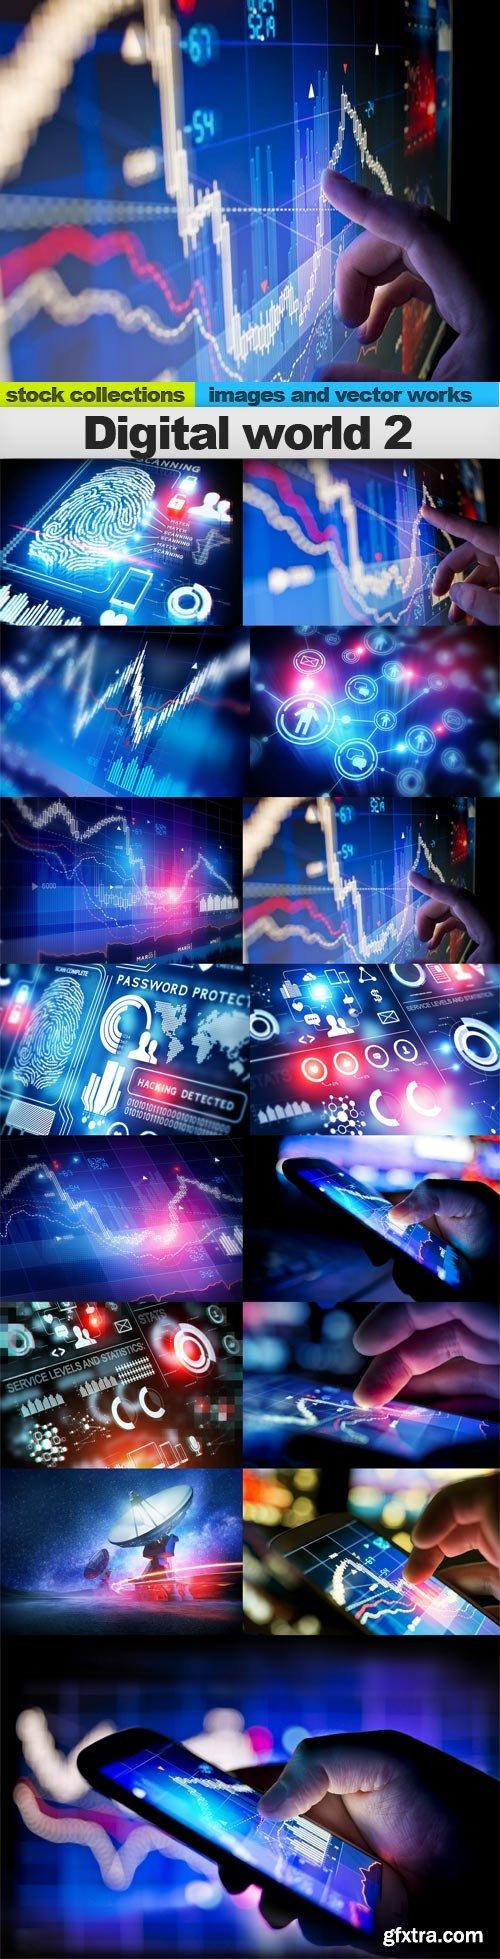 Digital world 2, 15 x UHQ JPEG